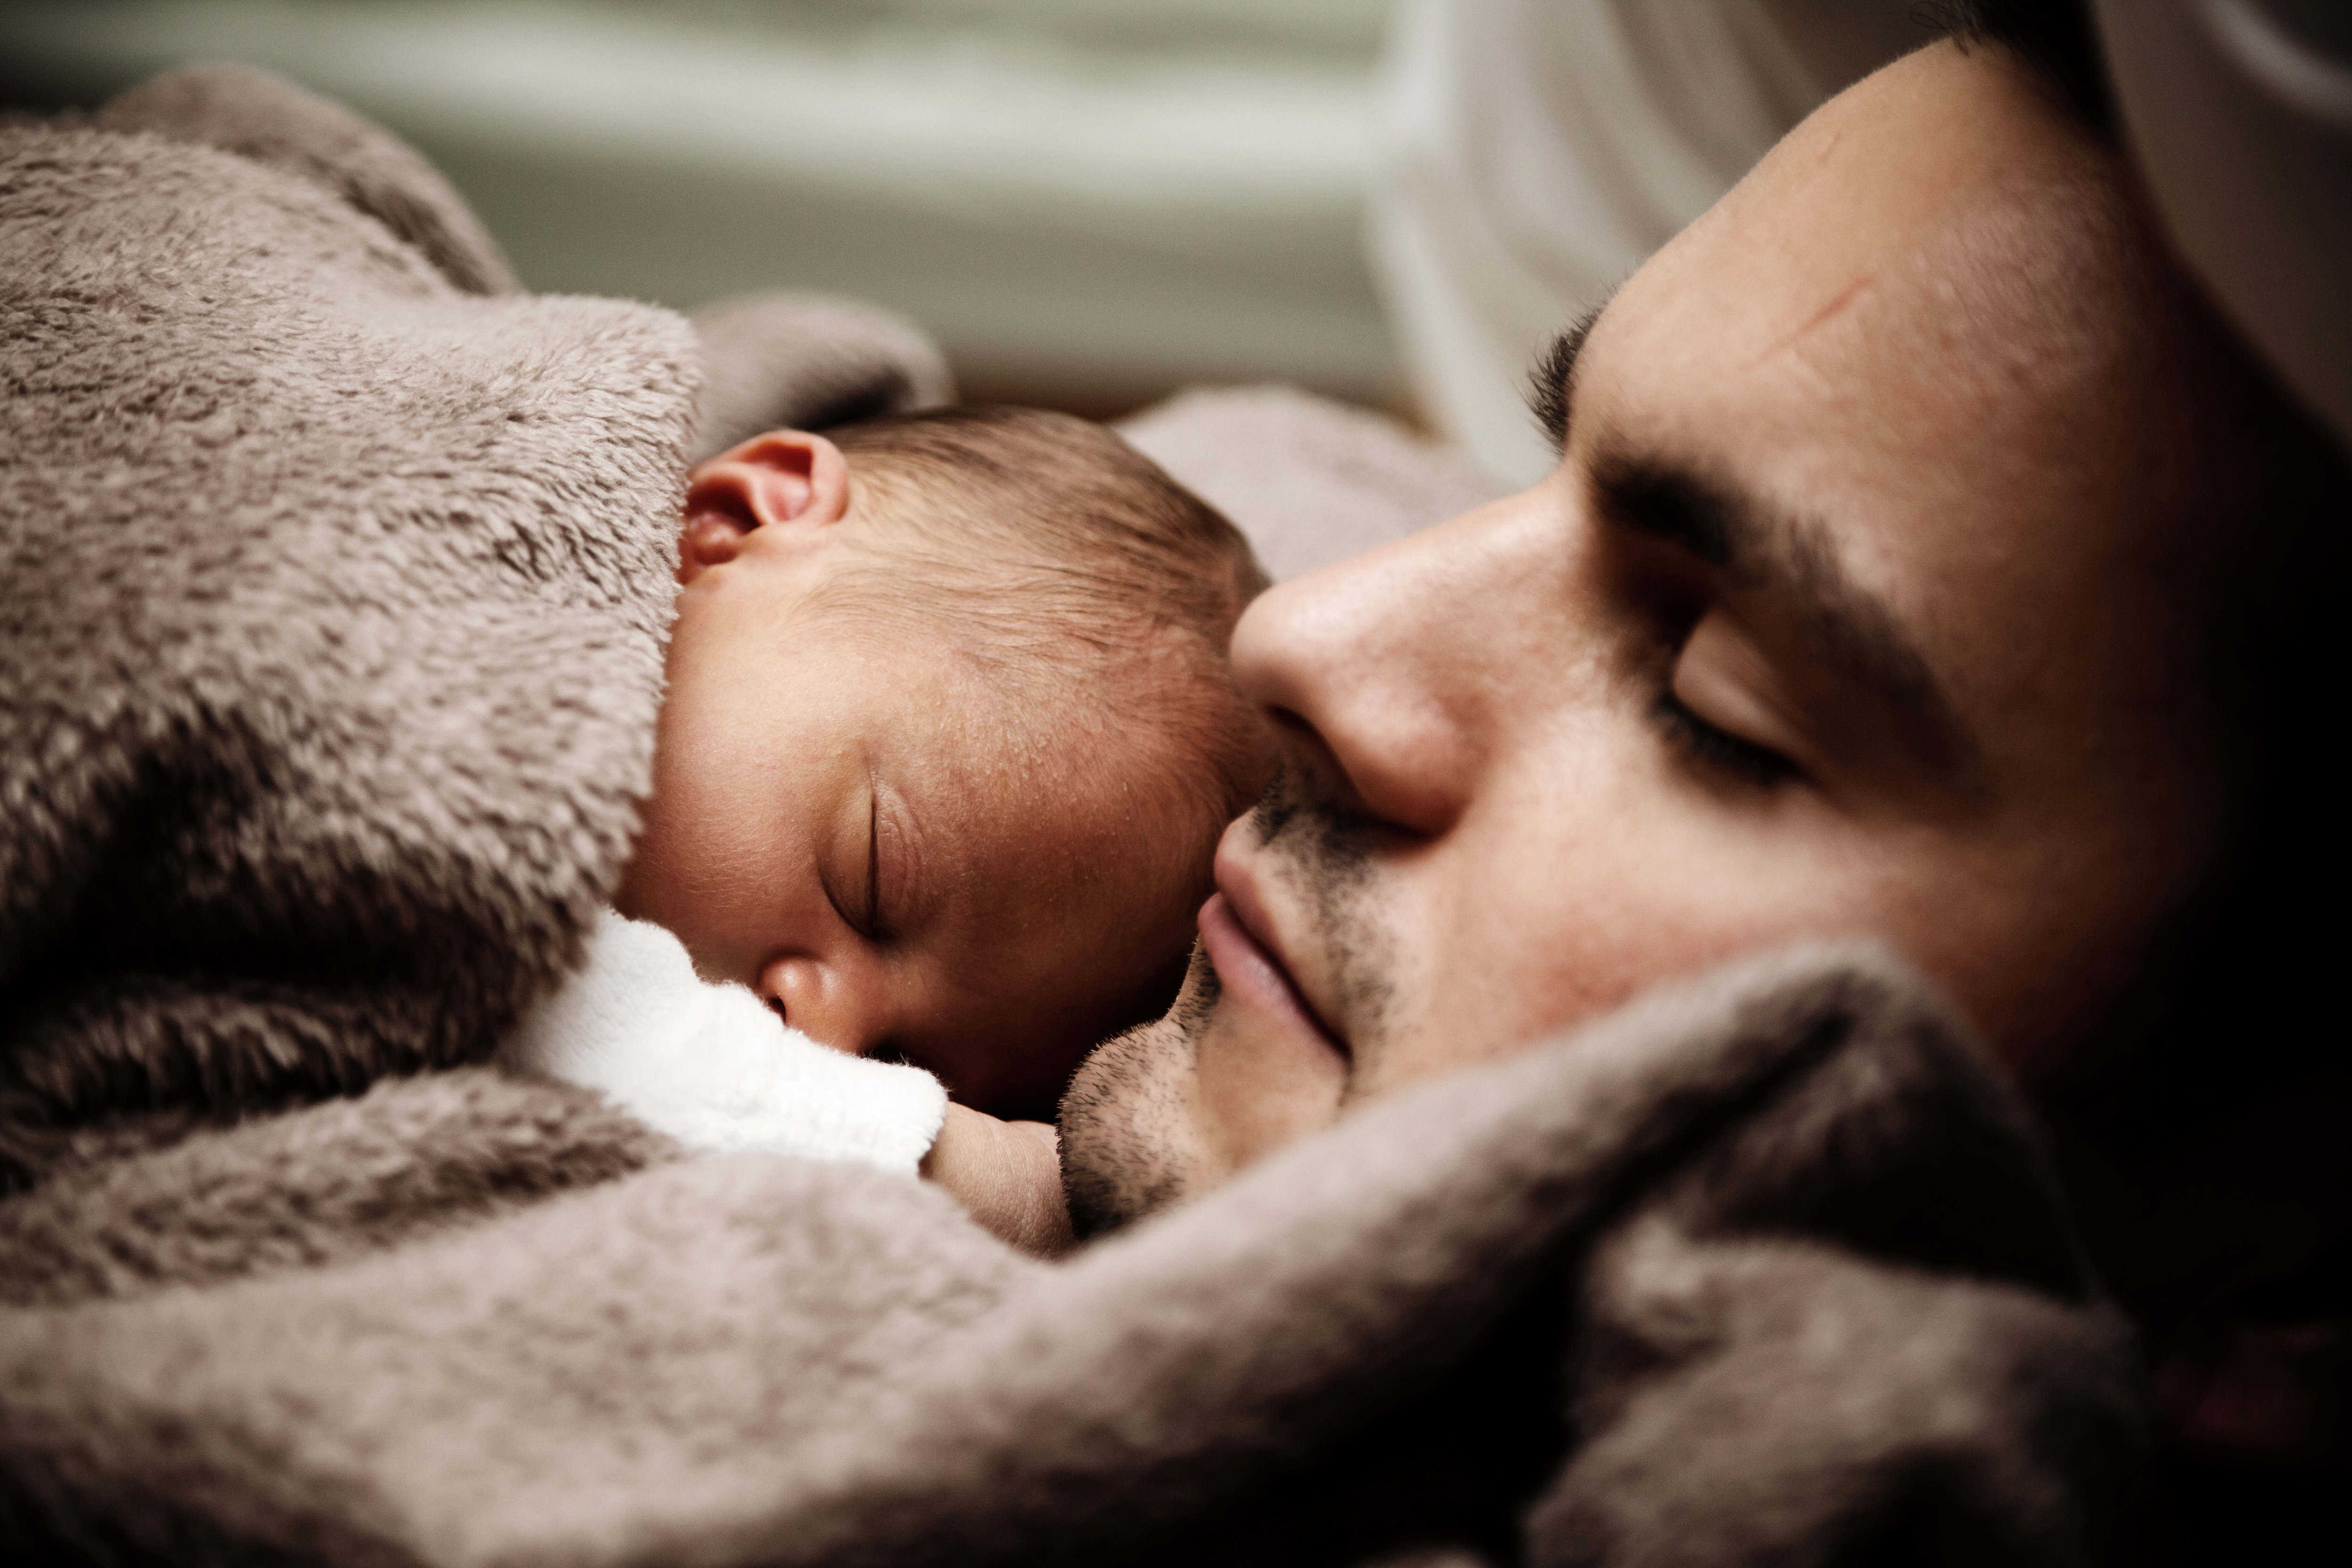 studiu-copiii-care-petrec-mai-mult-timp-cu-tatii-lor-au-un-iq-mai-mare